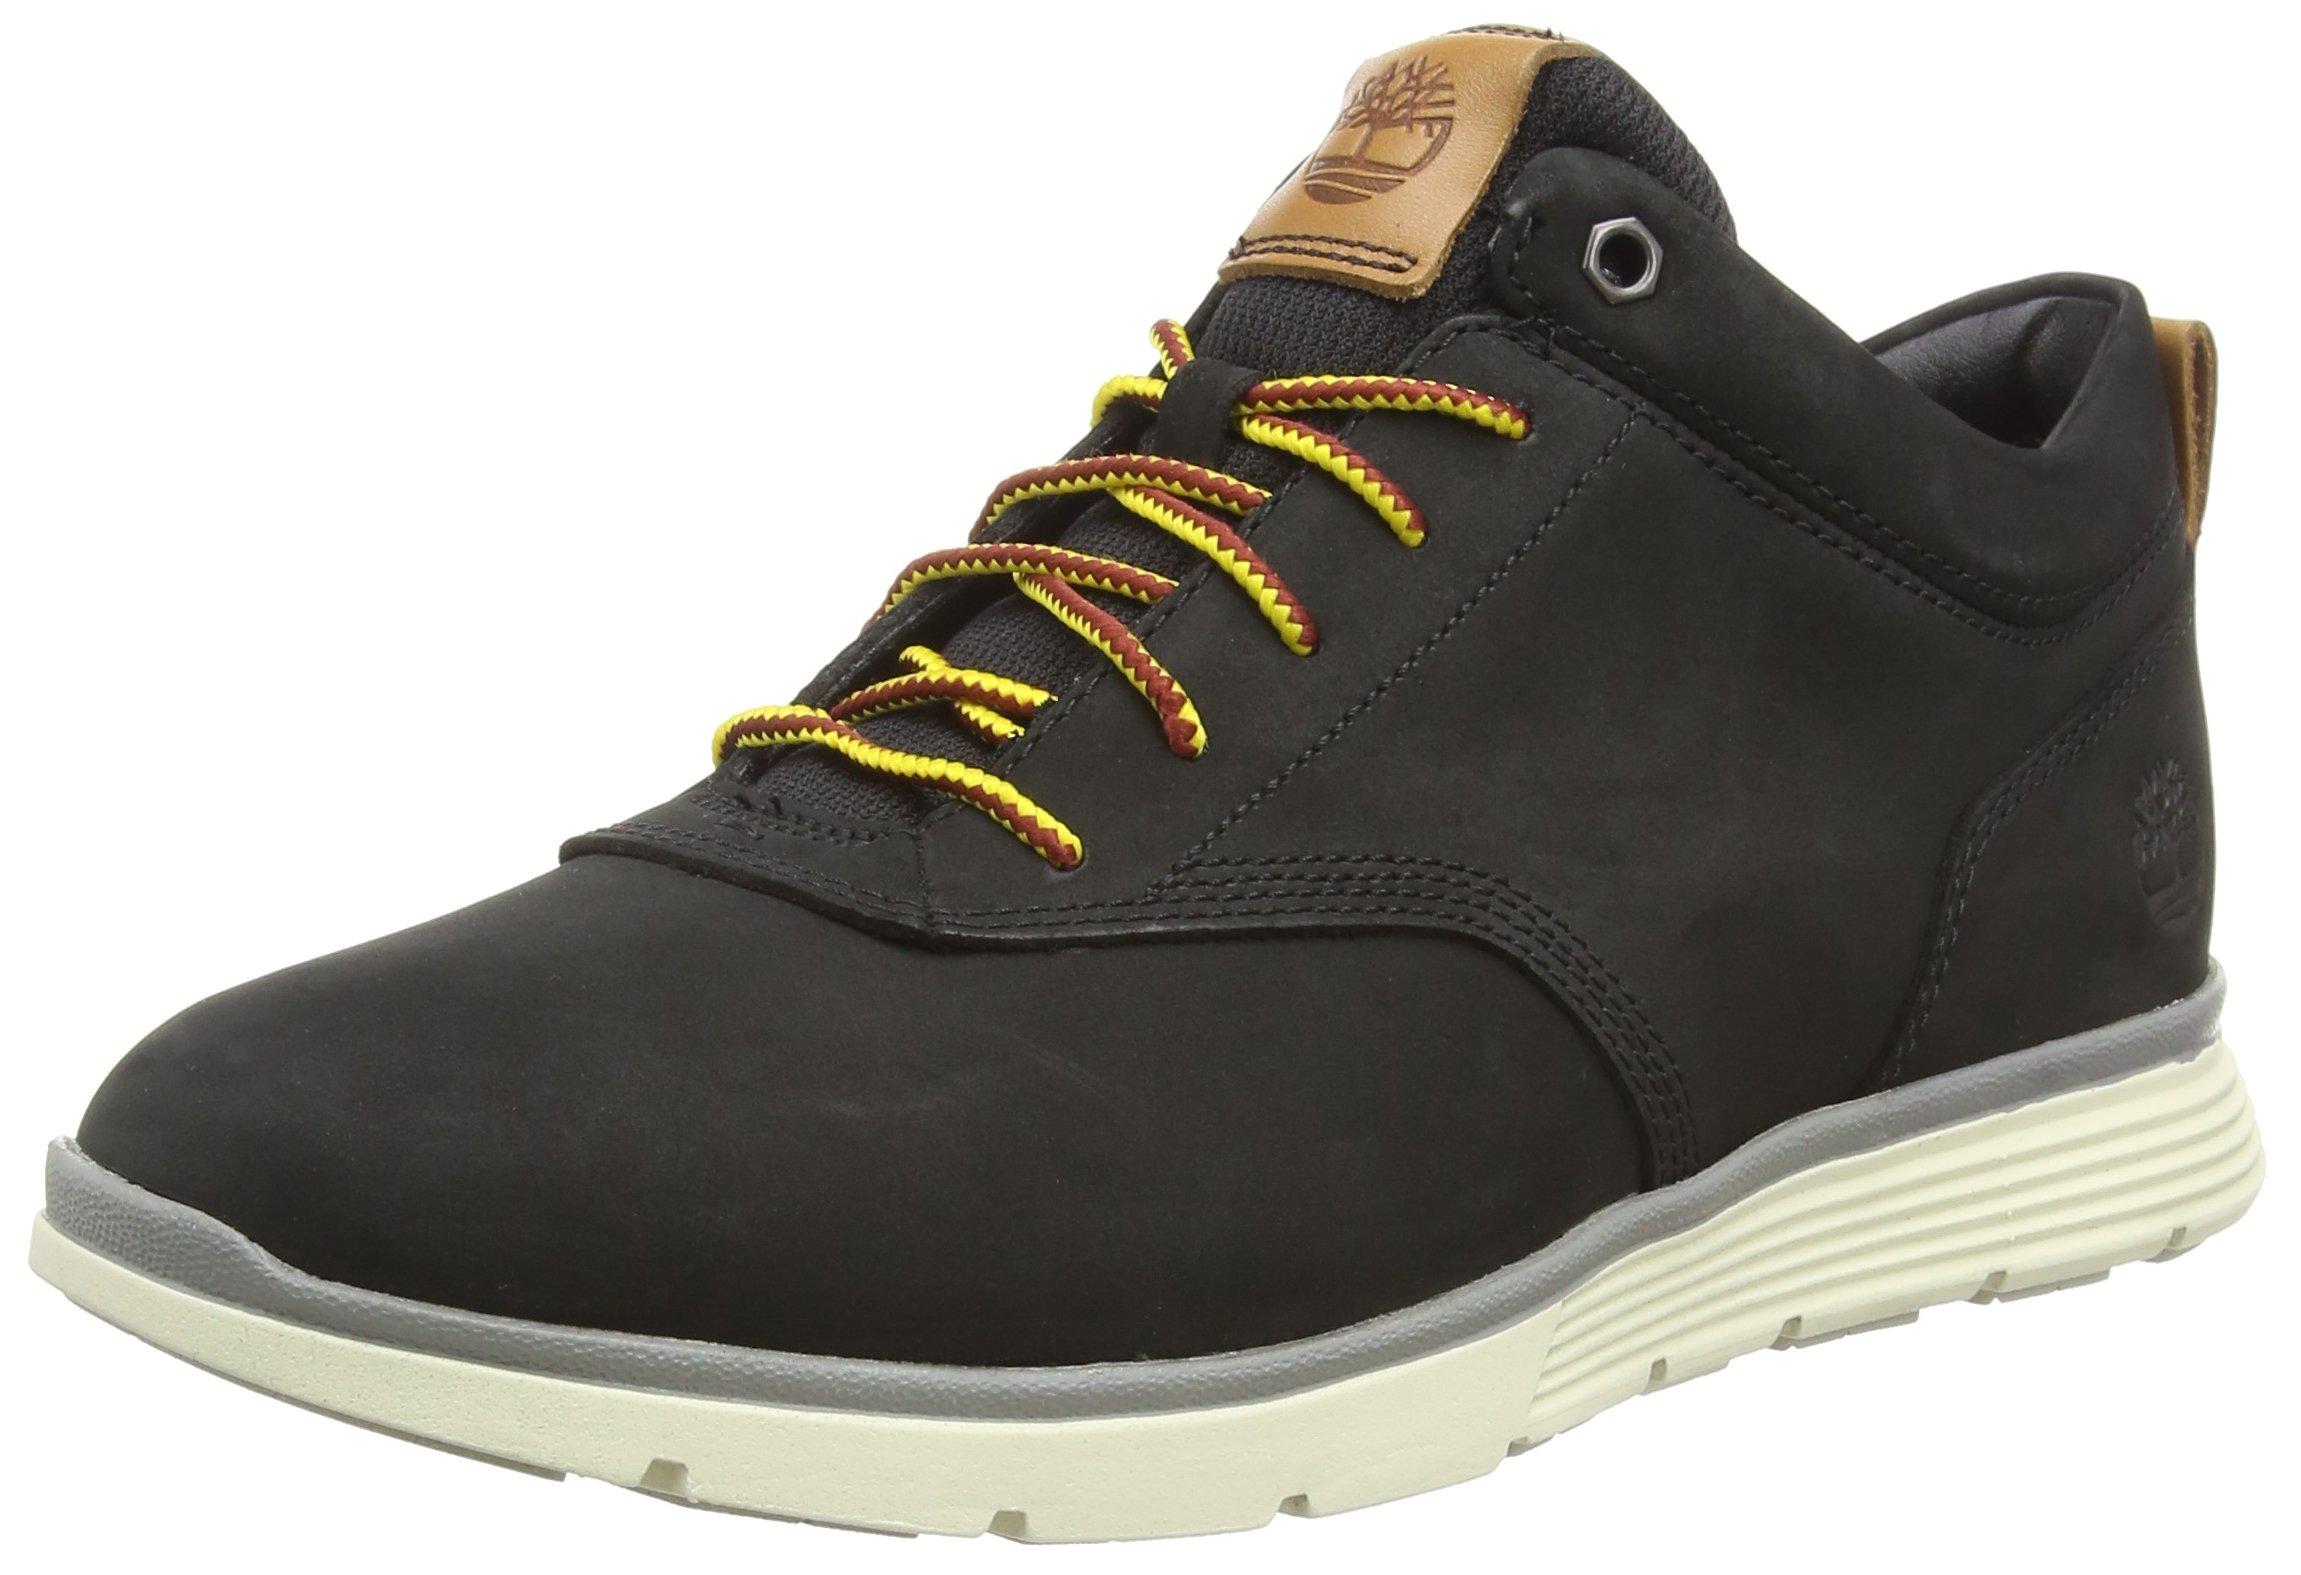 new product 0b1e7 a99b4 Timberland Mens Killington Half Cab Black Nubuck Boots 44 EU